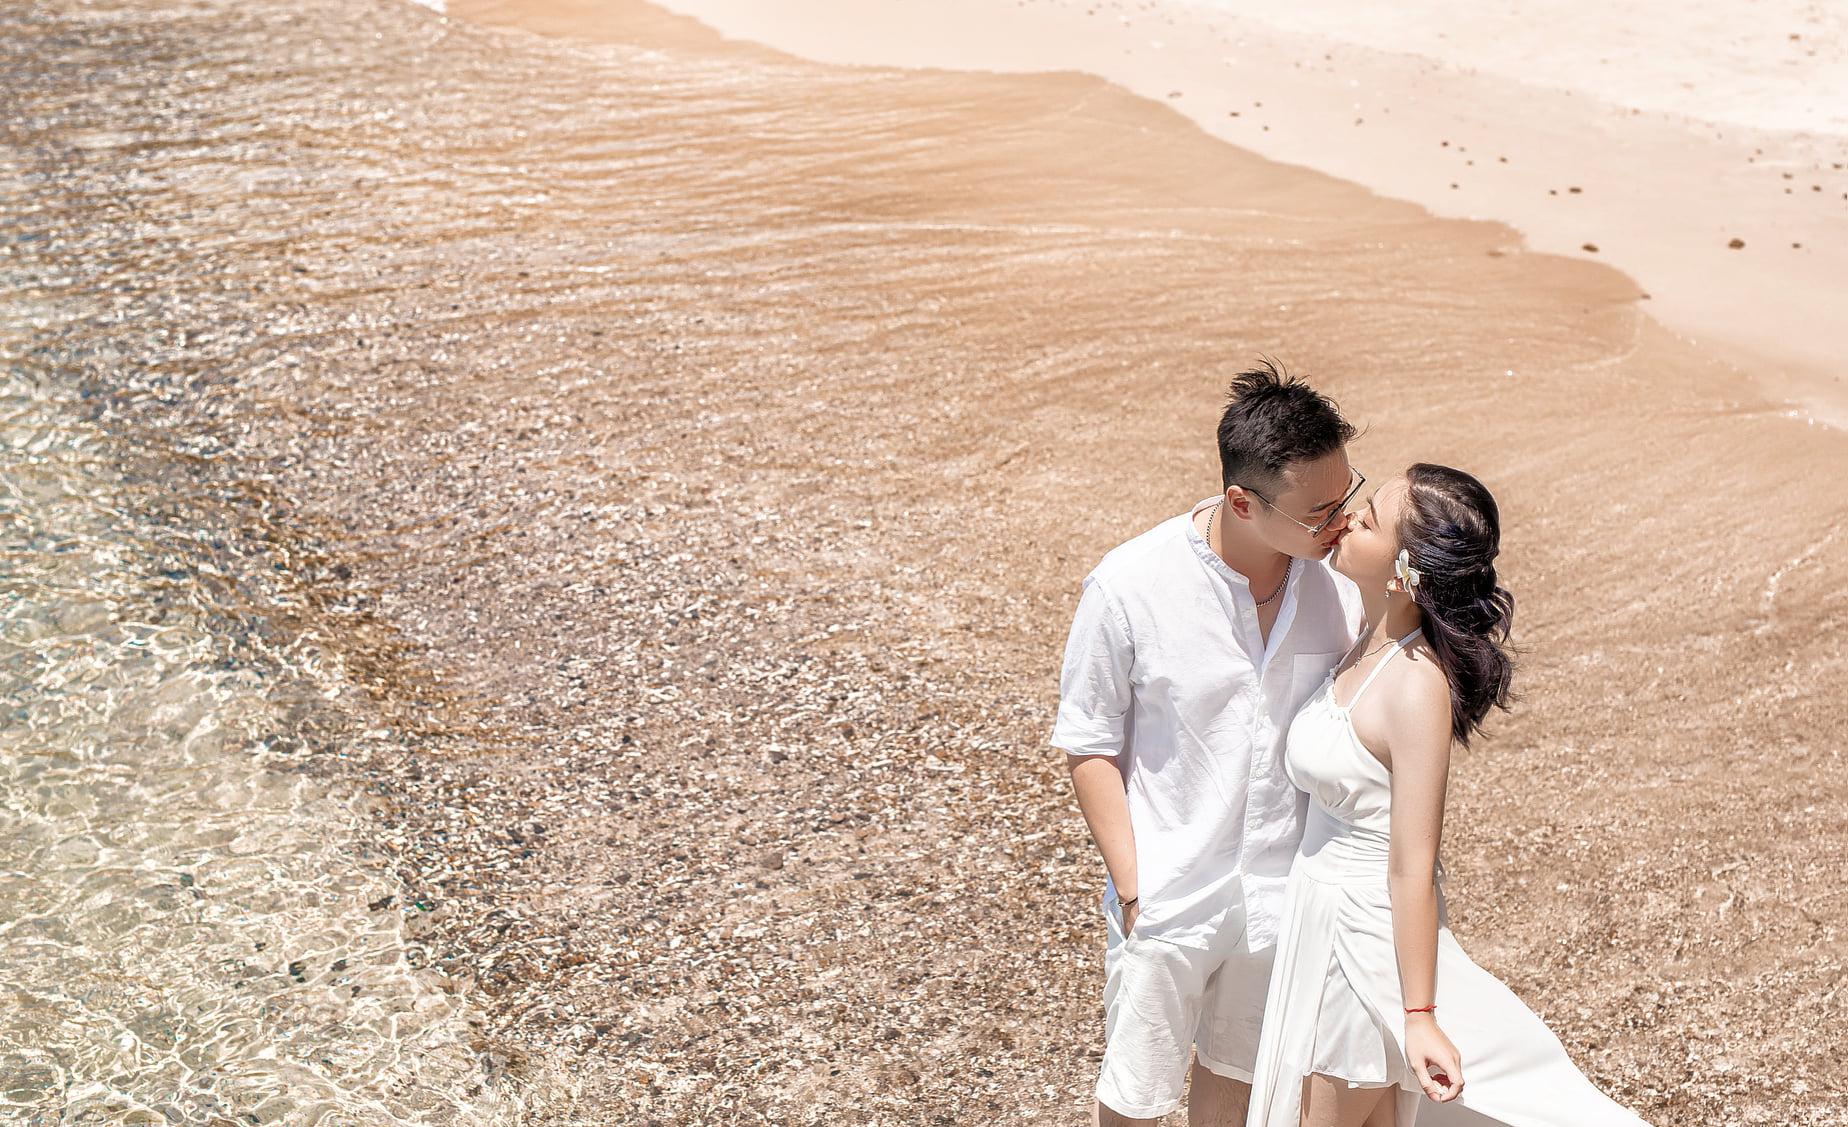 Chụp Hình Cưới Ngoại Cảnh Tại Nha Trang